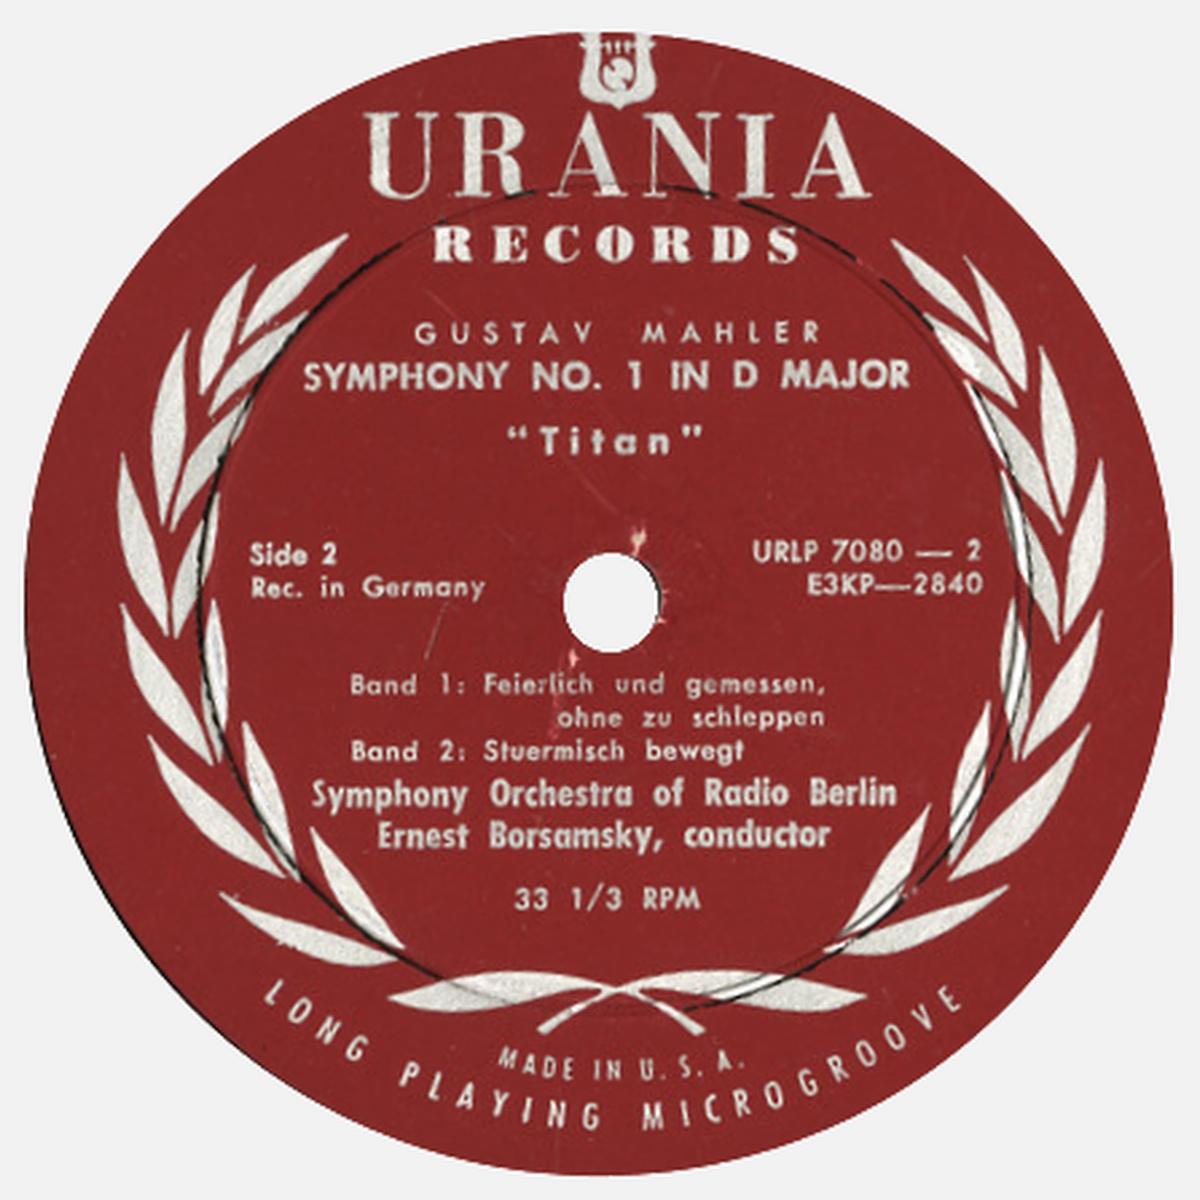 Urania URLP 7080